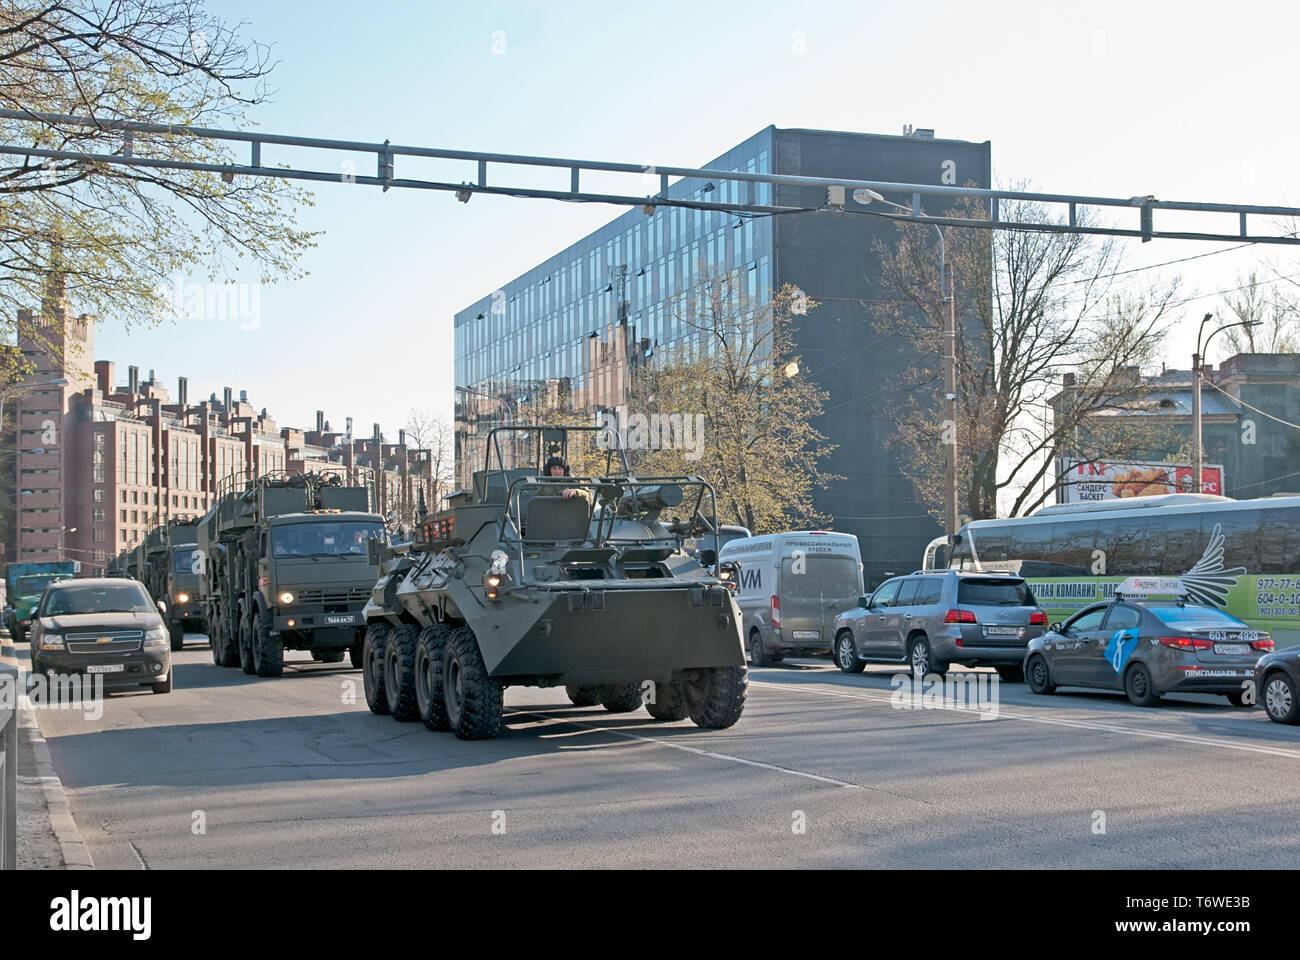 SAINT - Pétersbourg, Russie - 30 avril 2019: Des soldats et de transport militaire au sein de la ville après le défilé répétition pour la victoire 9 mai Jour Photo Stock